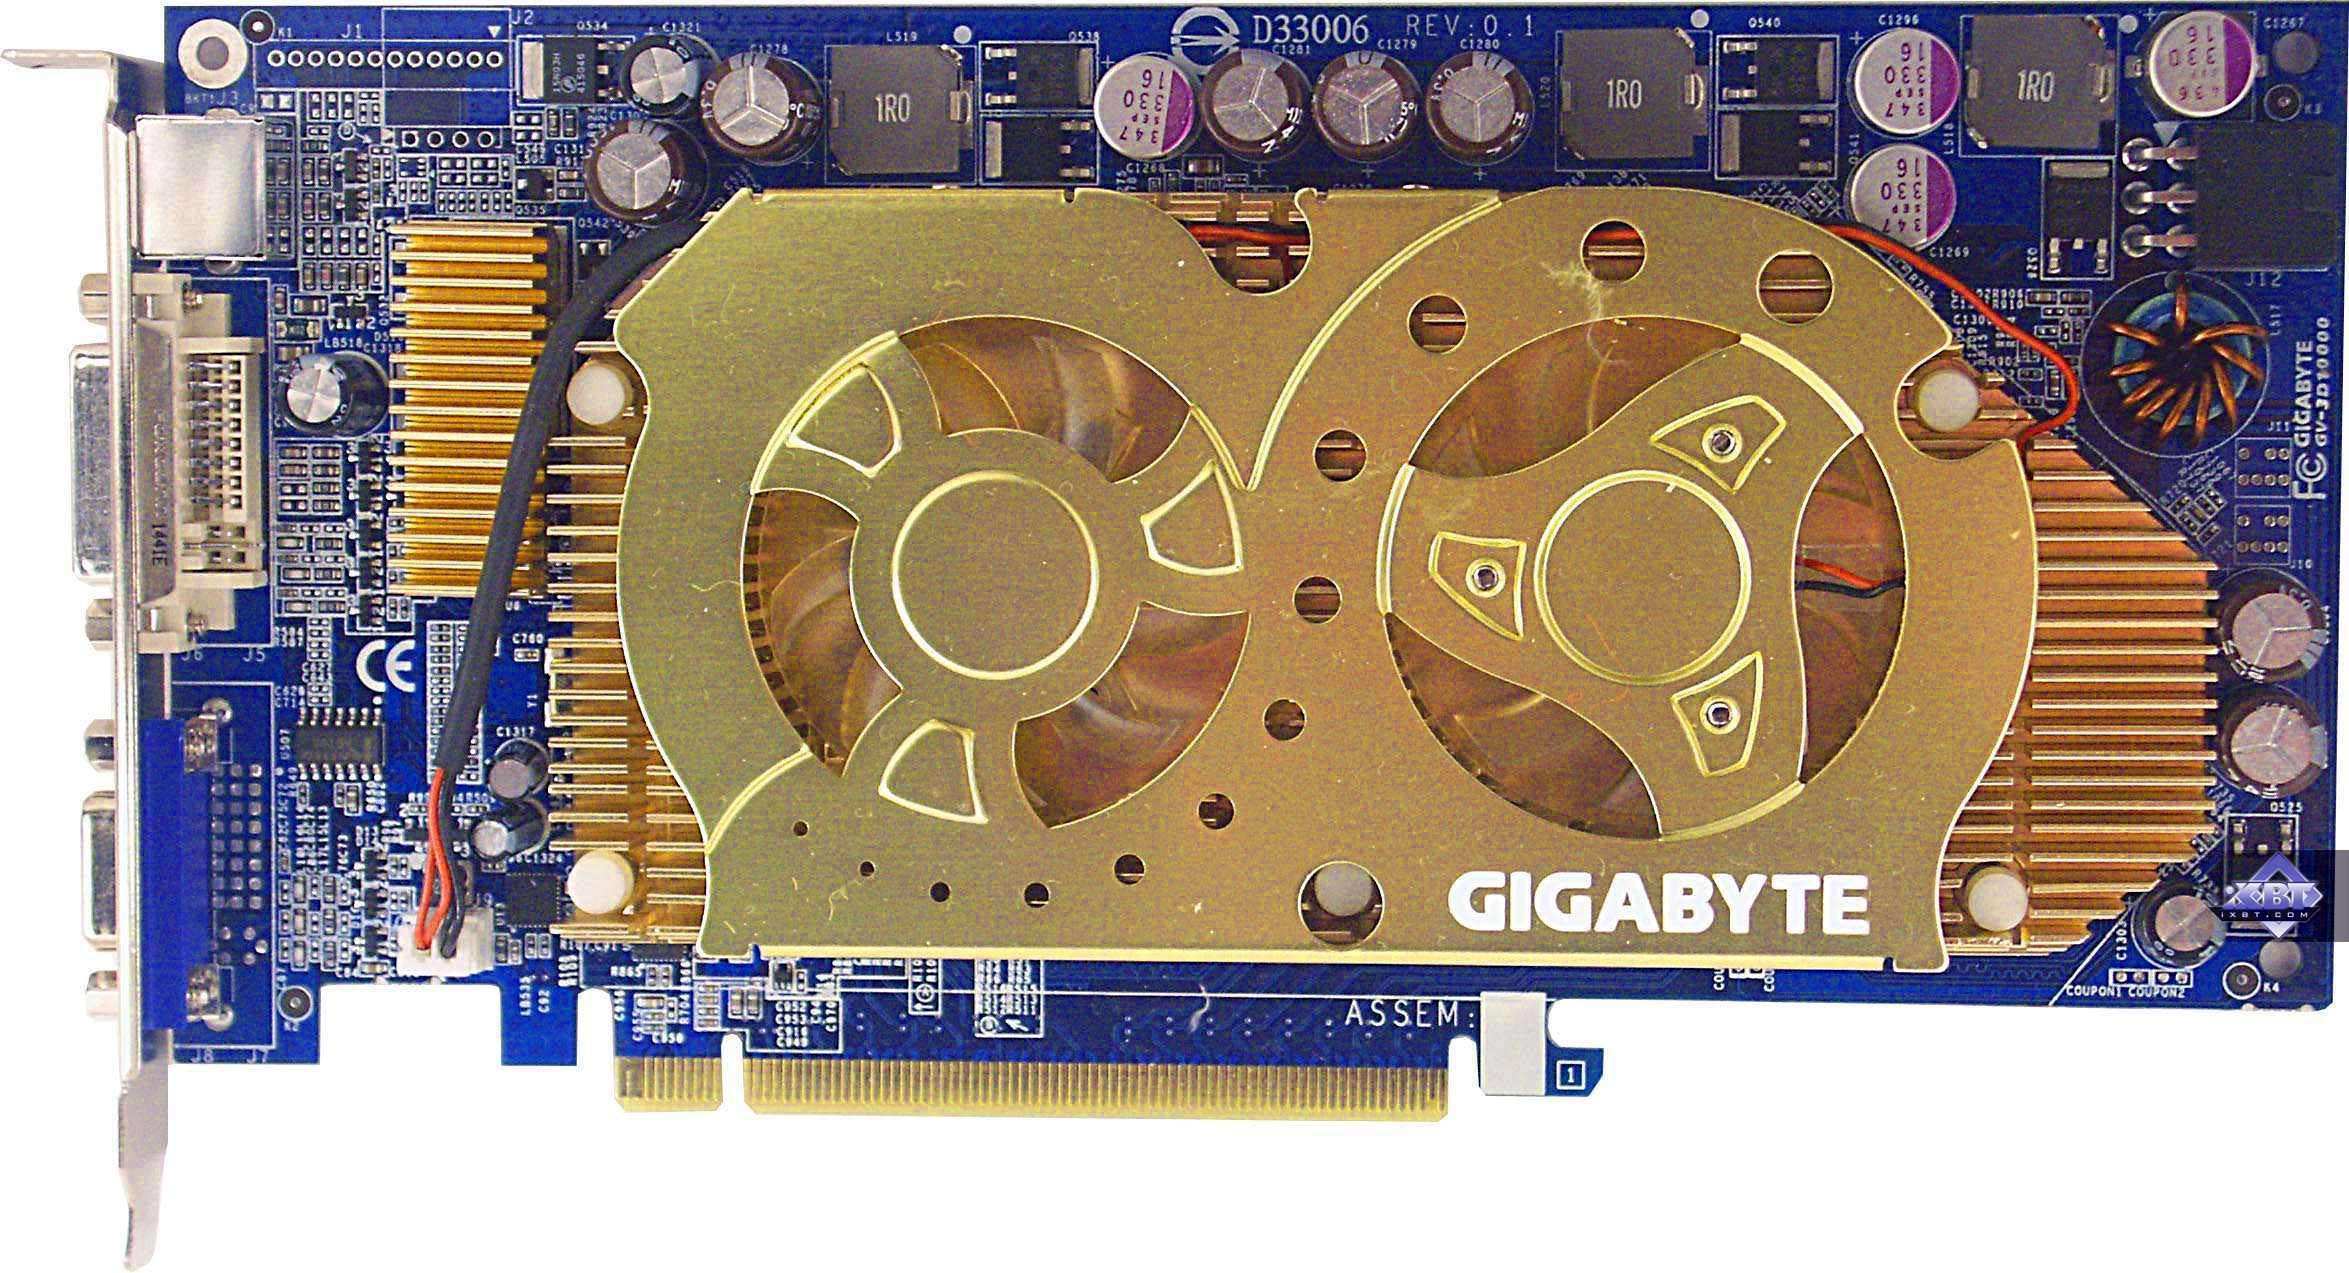 6600gt gigabyte: